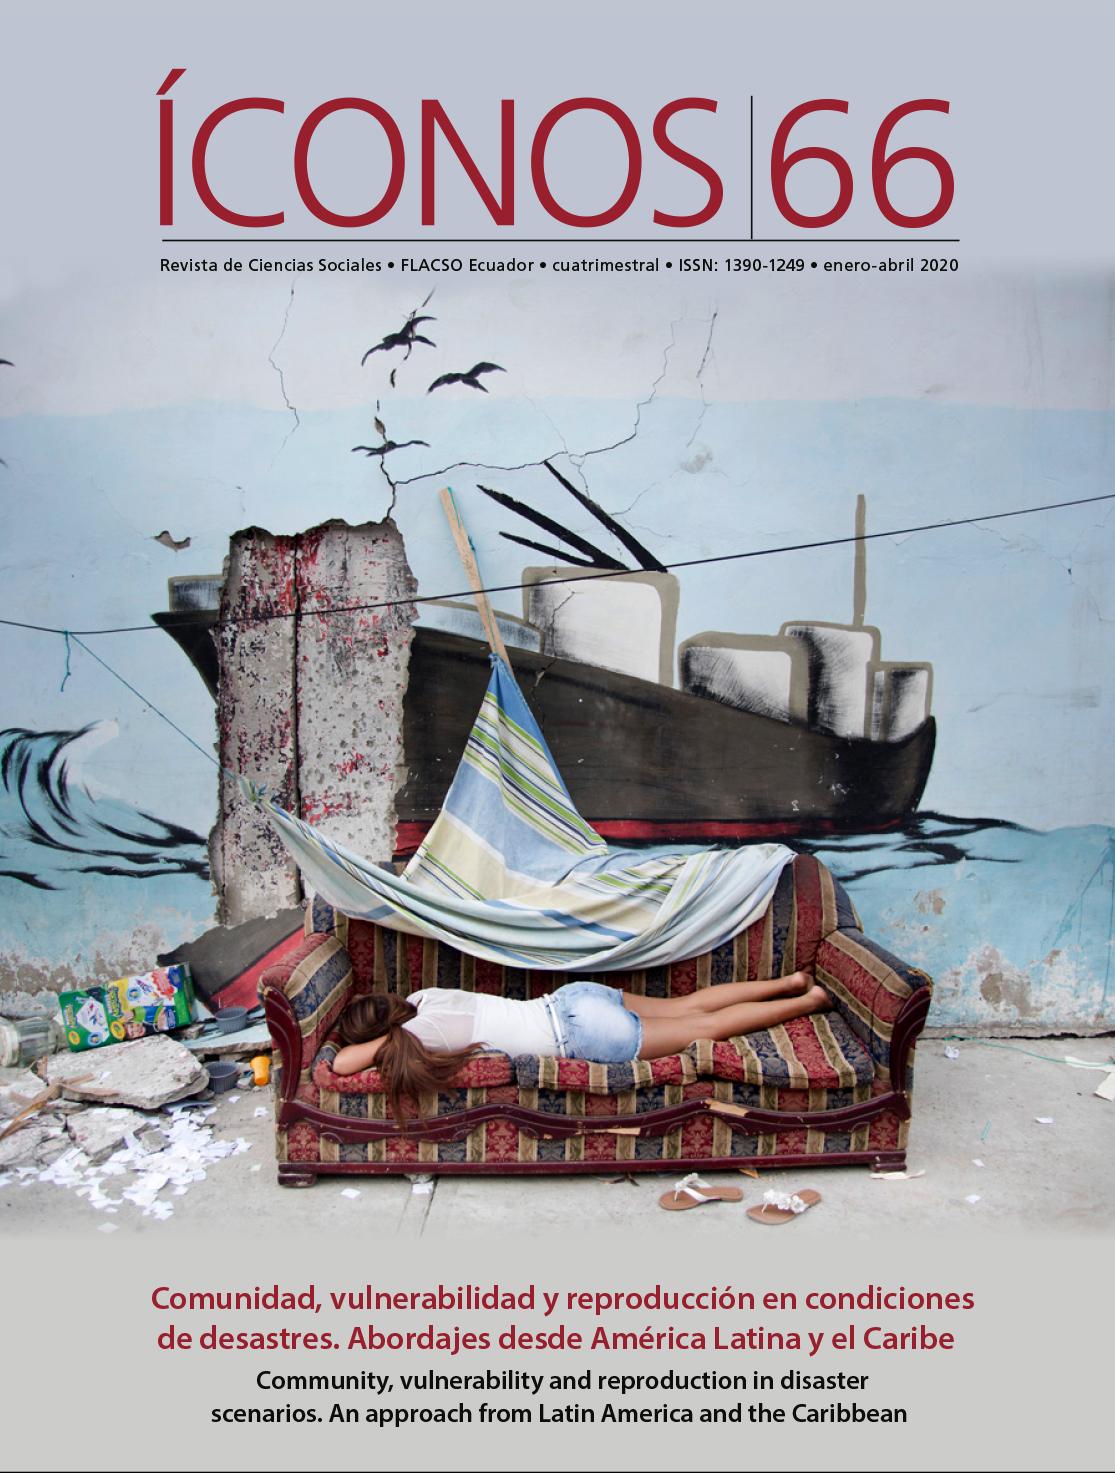 Íconos No. 66. Comunidad, vulnerabilidad y reproducción en condiciones de desastre. Abordajes desde América Latina y el Caribe